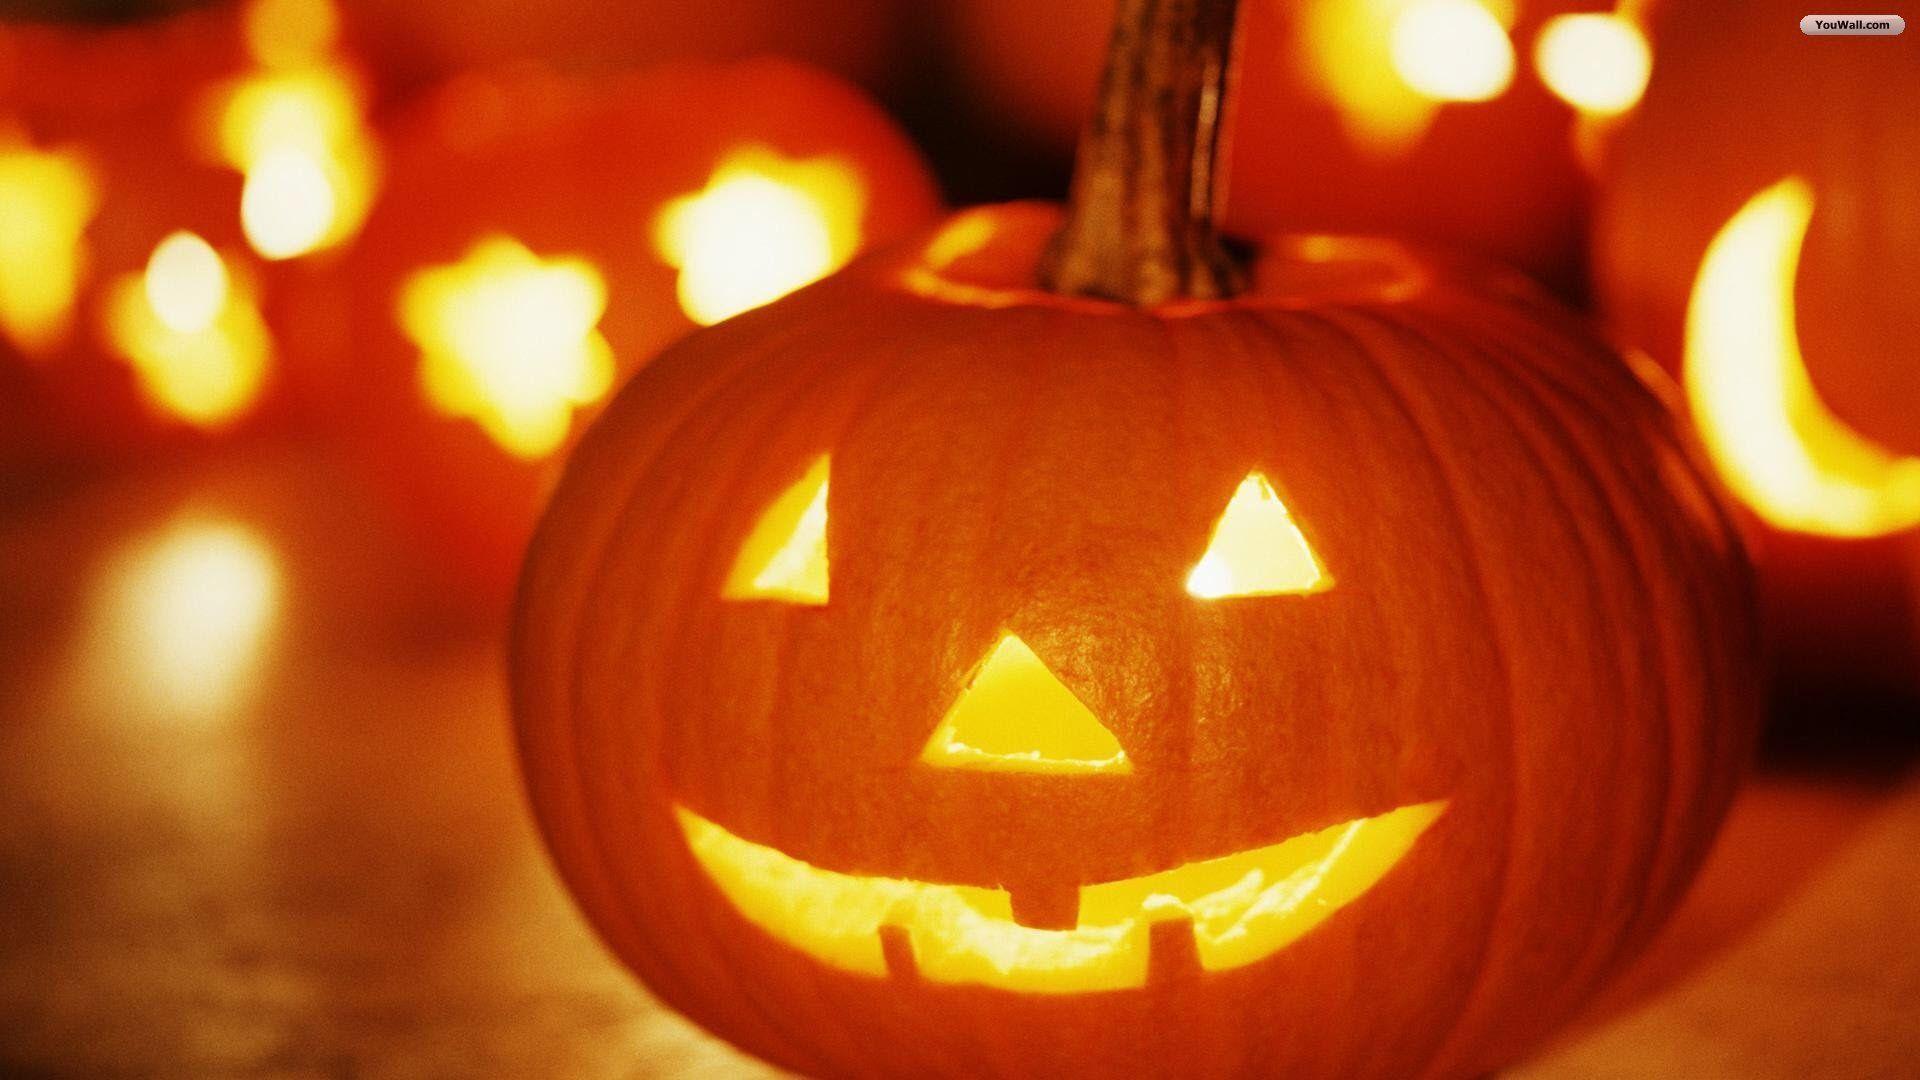 Halloween Pumpkin Wallpapers – HD Wallpapers Inn